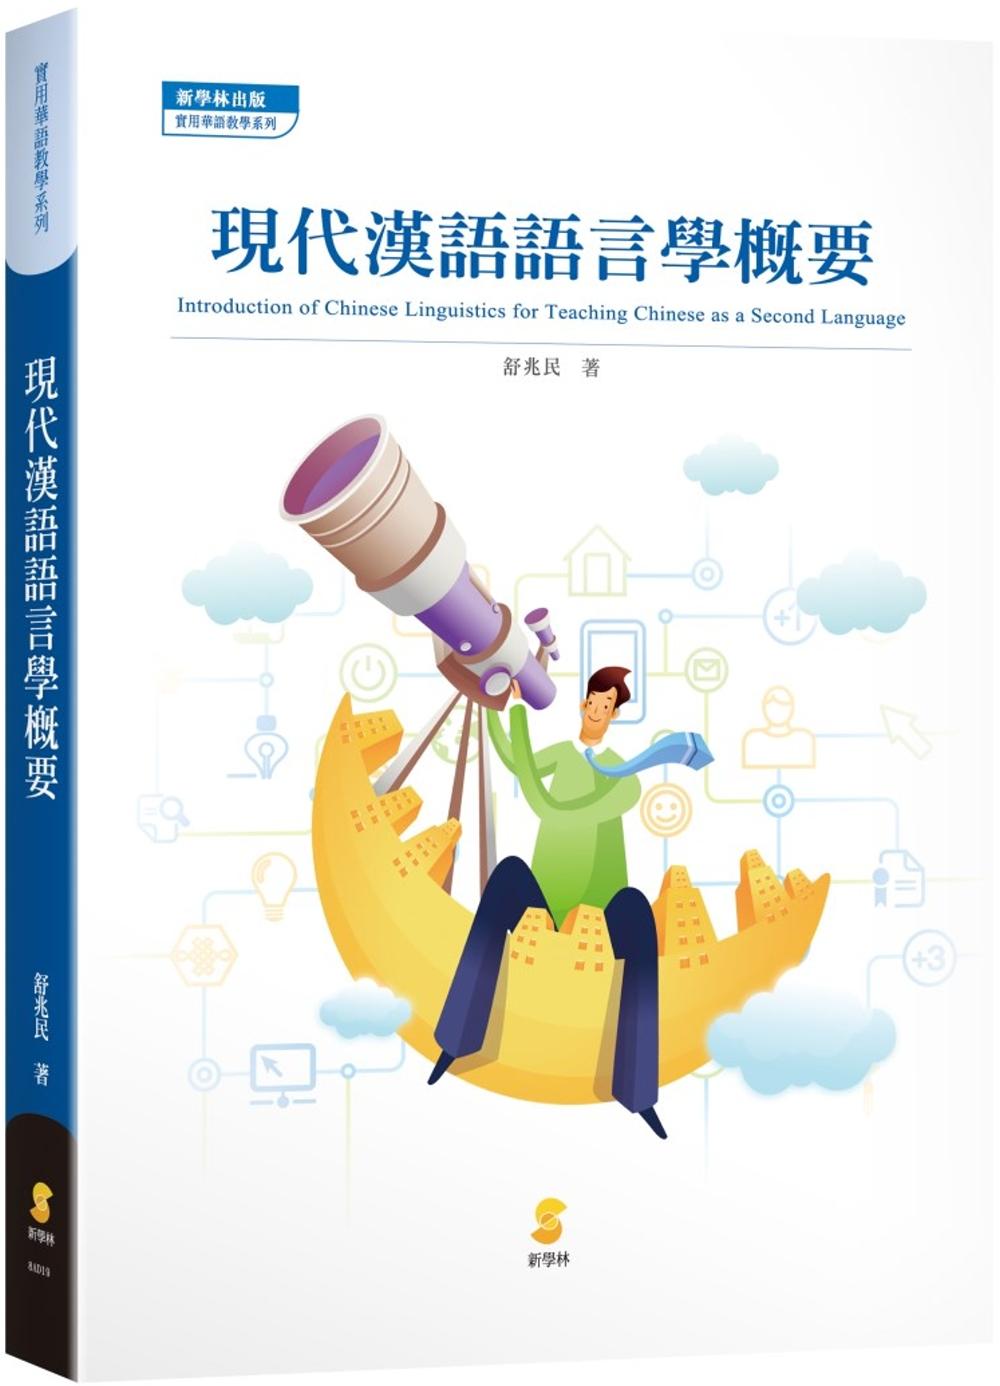 現代漢語語言學概要